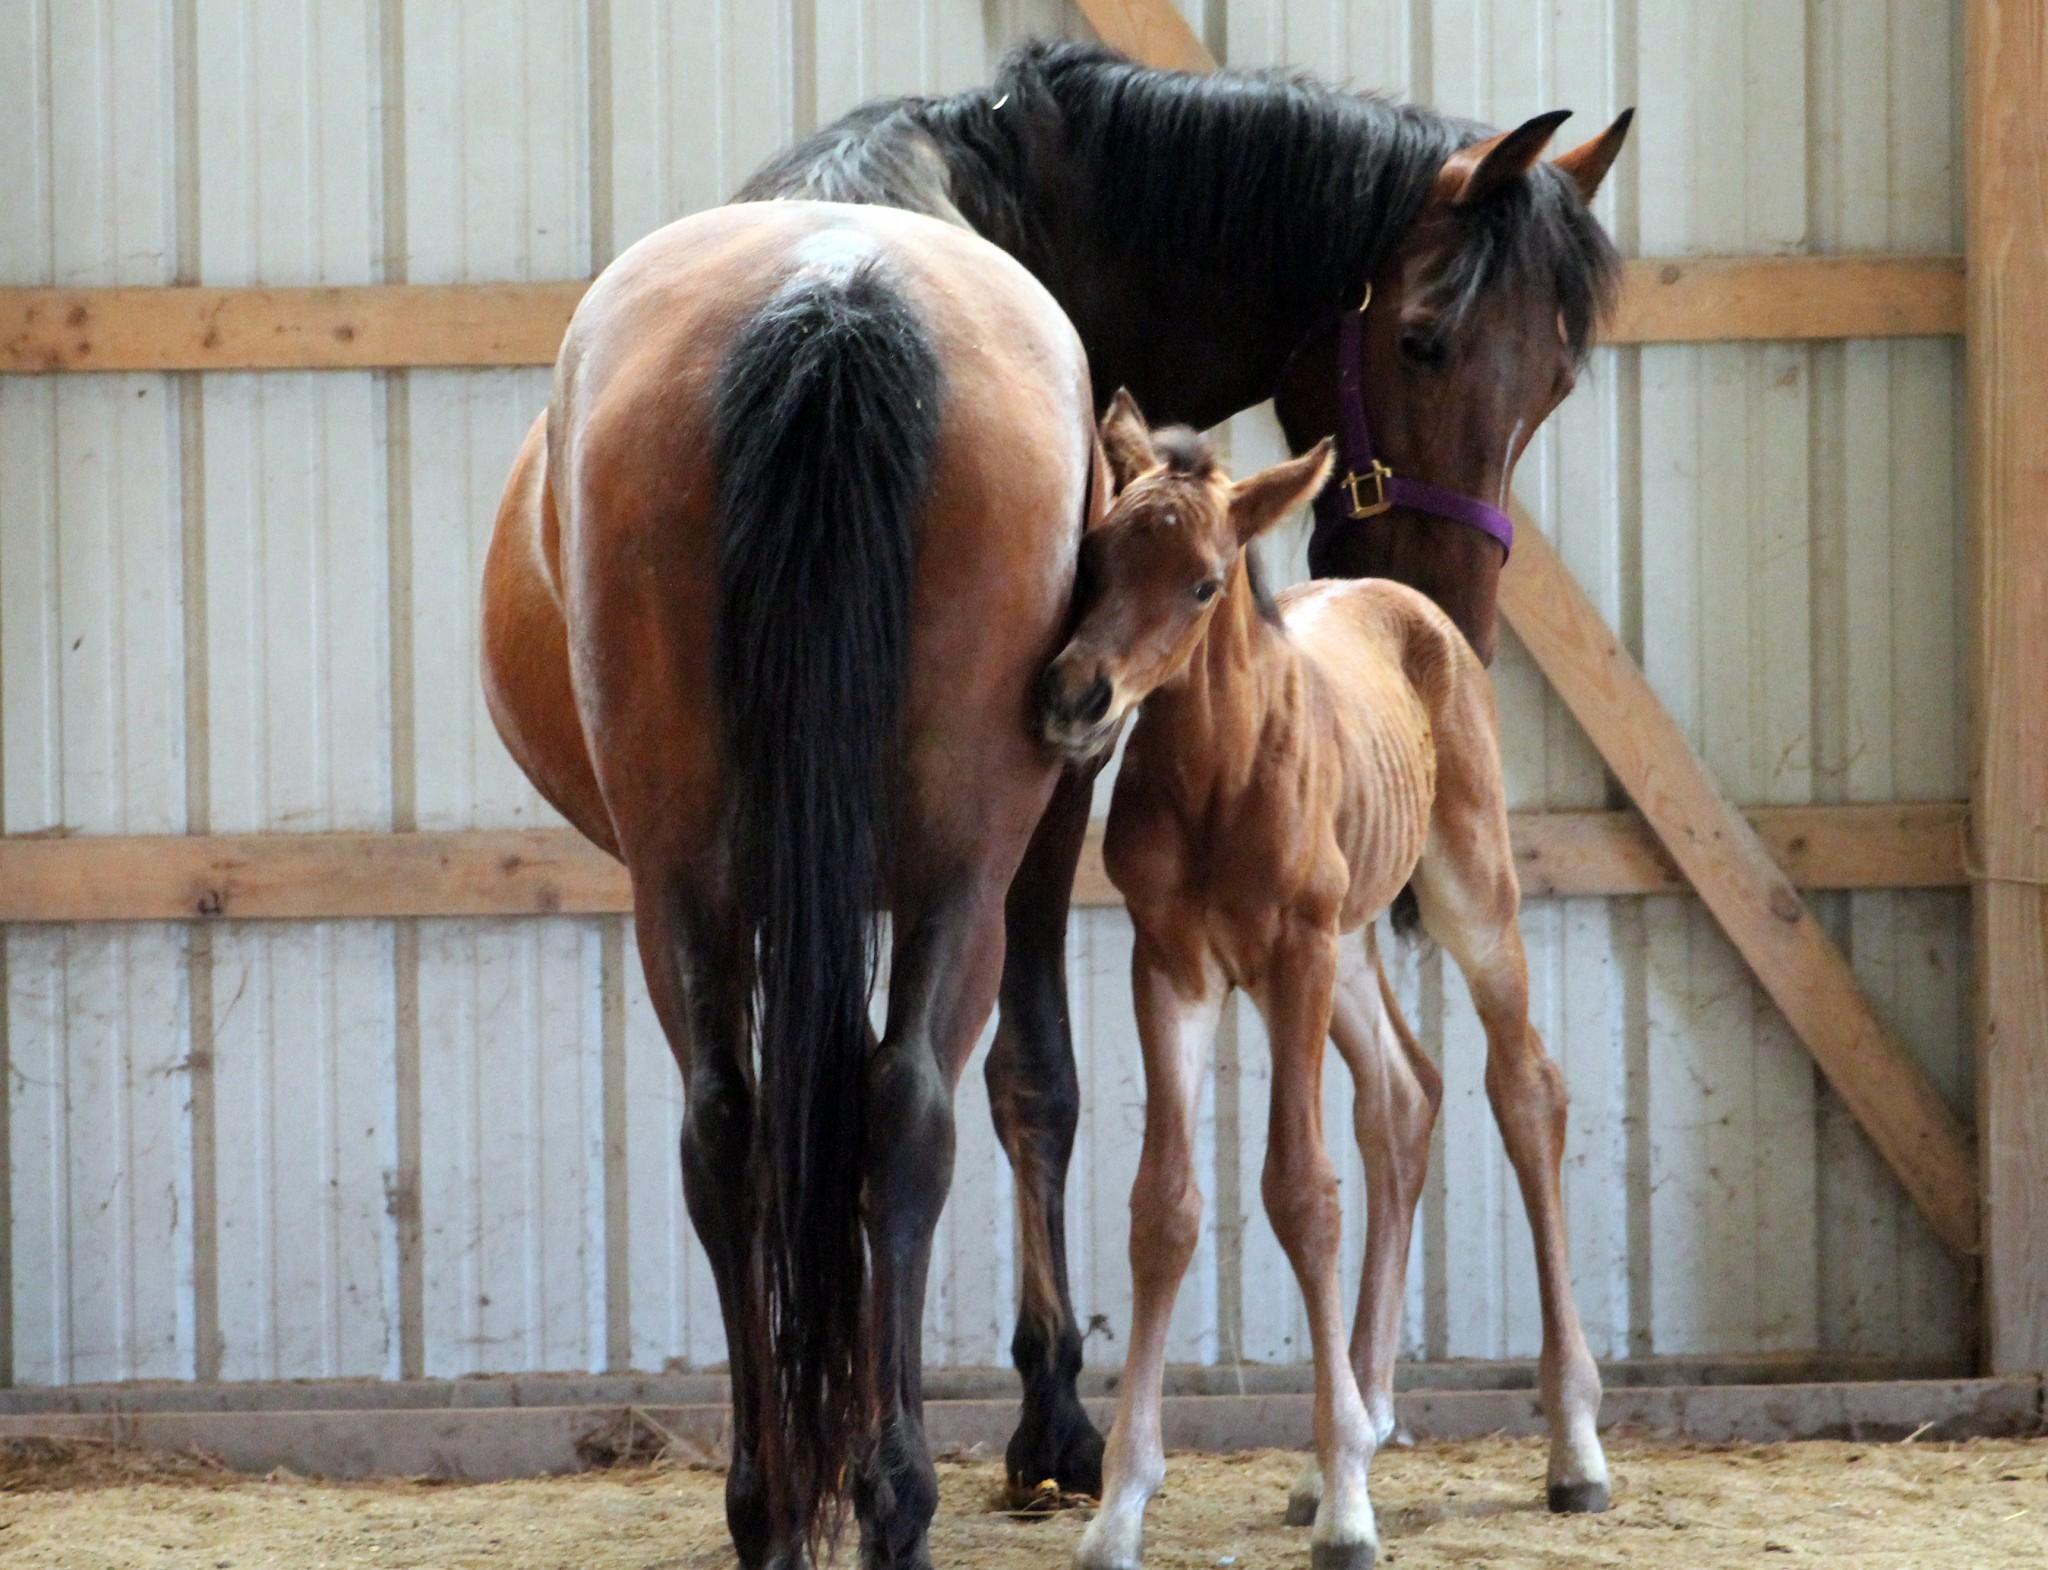 Logran elegir el sexo de los caballos desde embrión